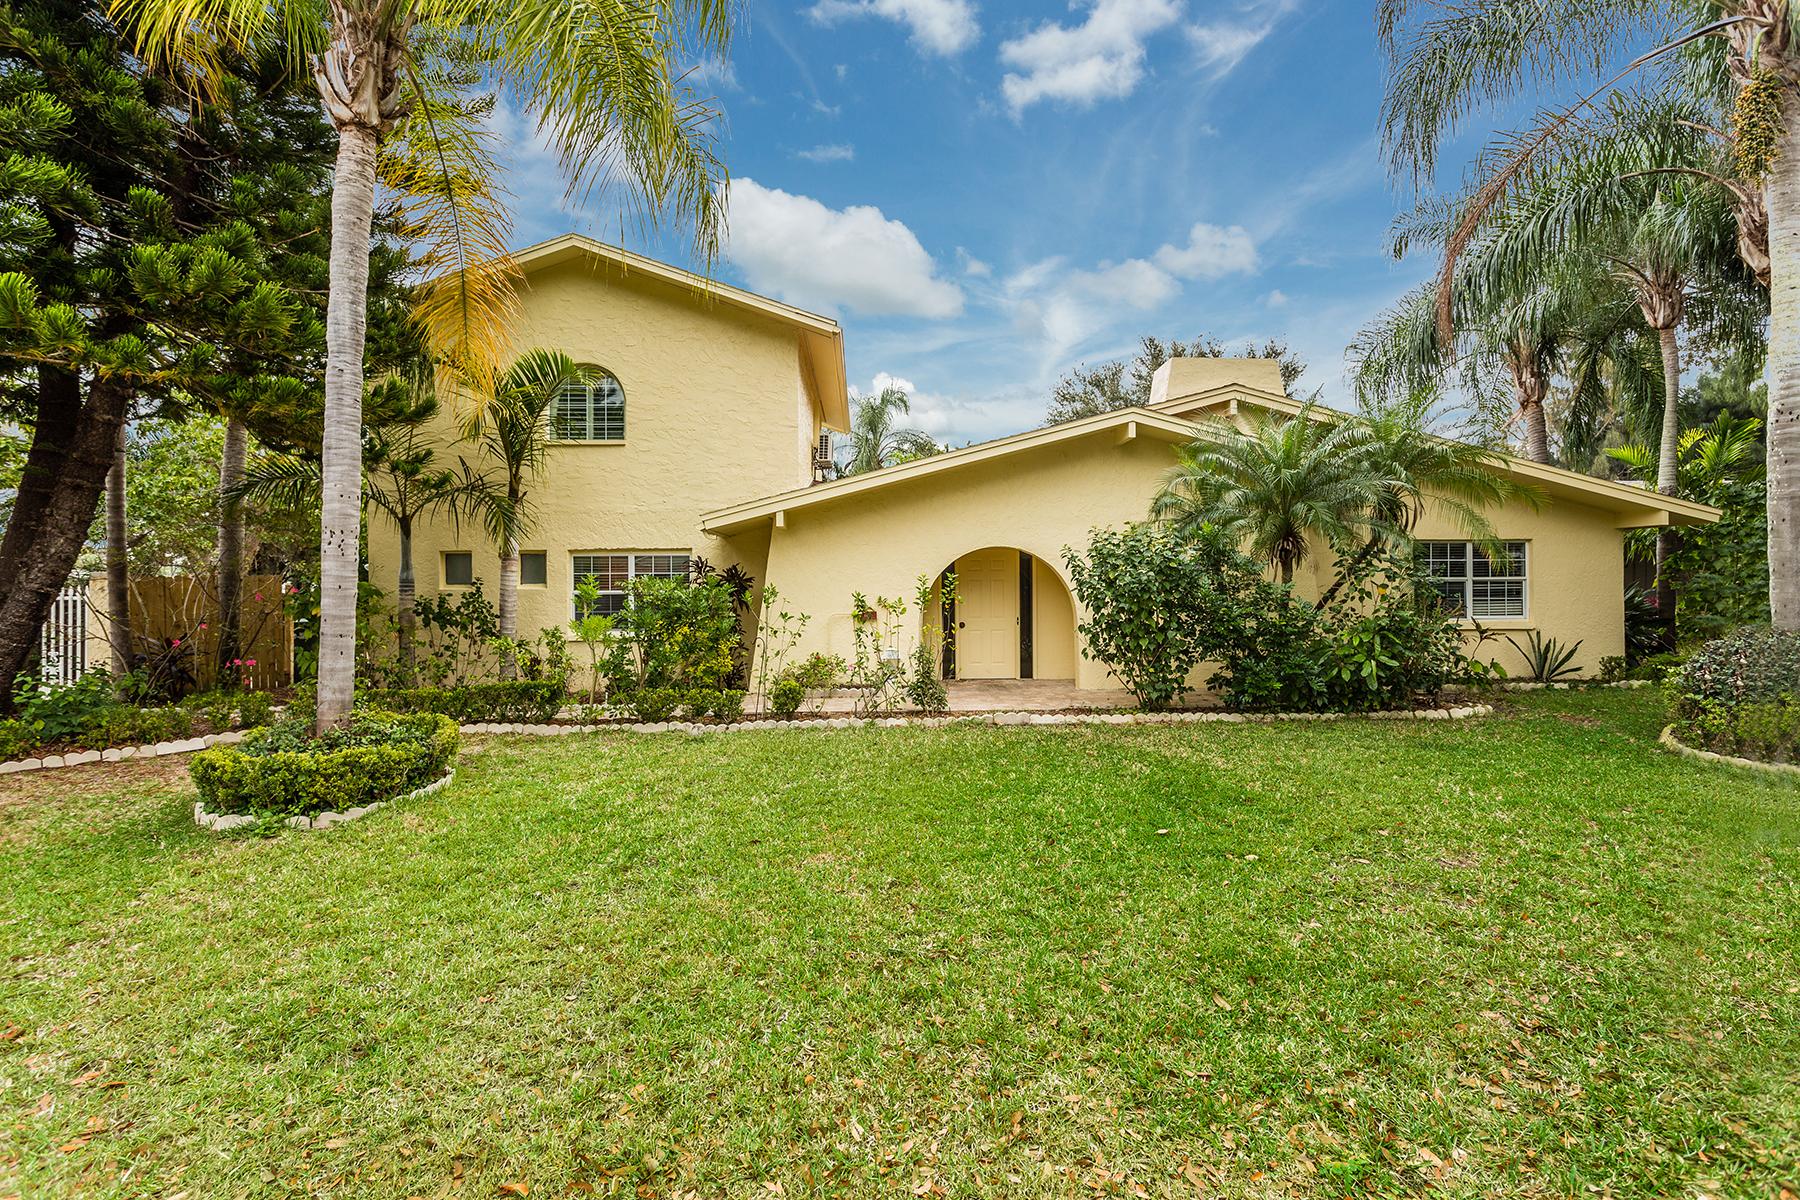 Maison unifamiliale pour l Vente à LARGO 815 Seacrest Dr Largo, Florida, 33771 États-Unis